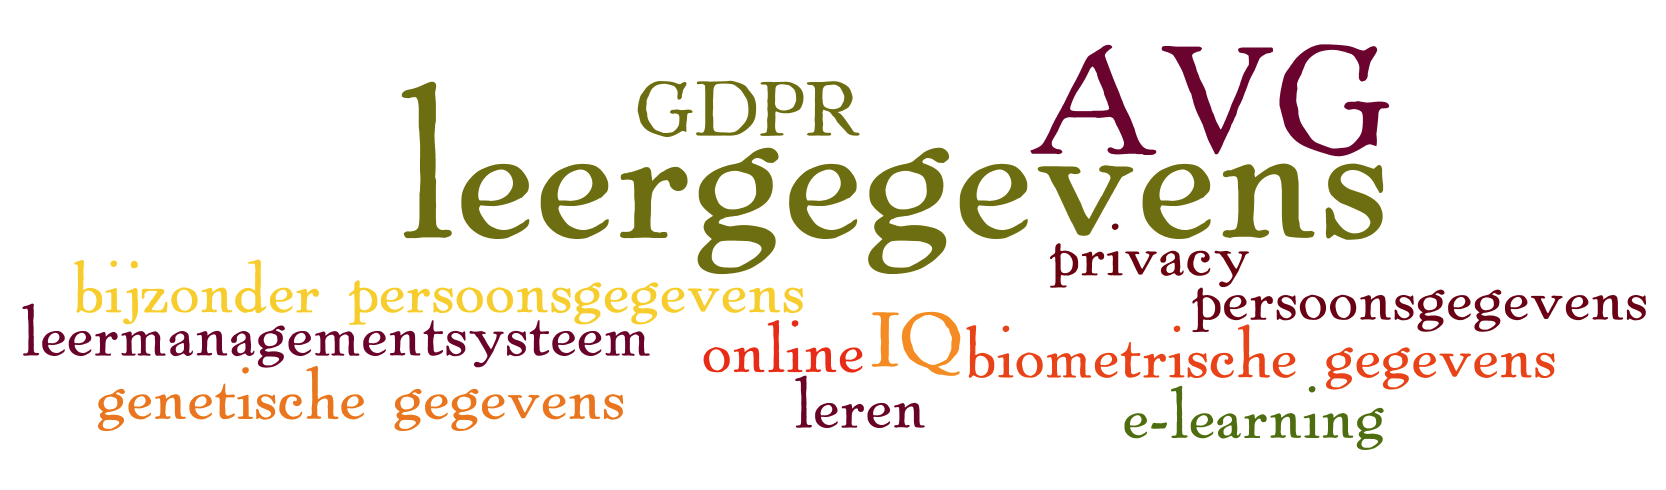 Moodle Privacy (3): Leergegevens zijn bijzondere persoonsgegevens?